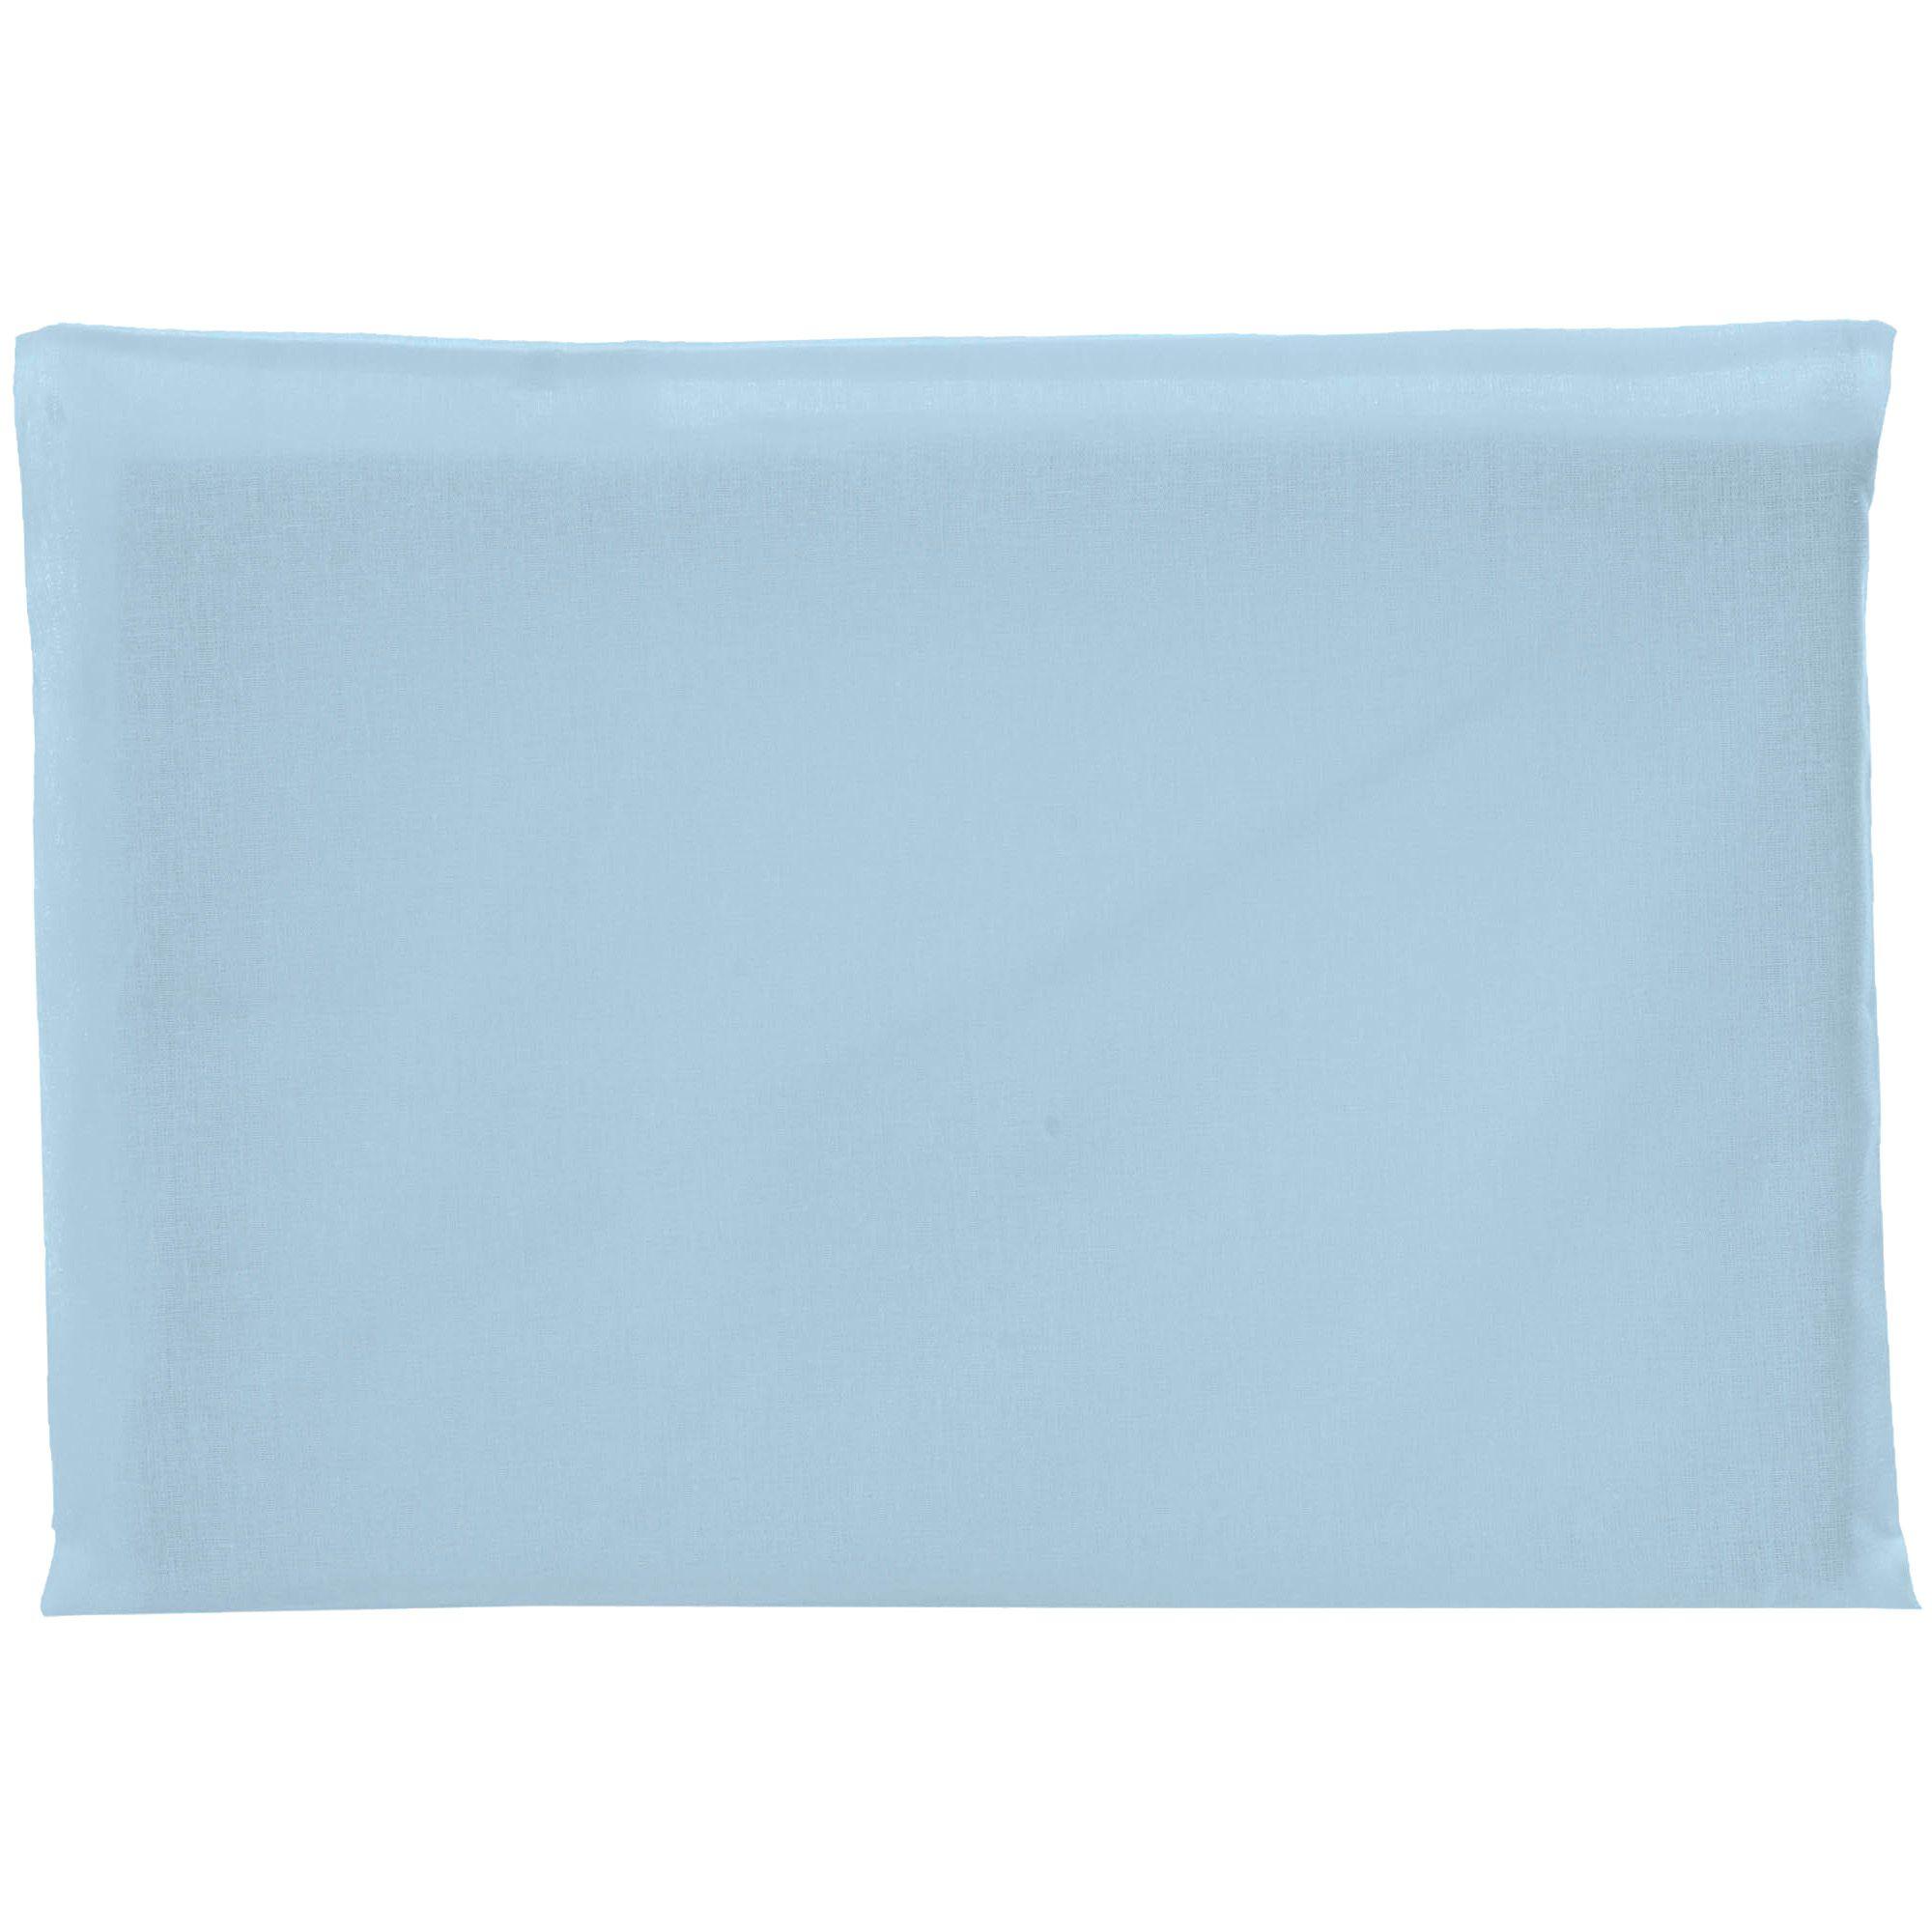 Travesseiro Antissufocante Incomfral Bambi - Liso - Azul Claro